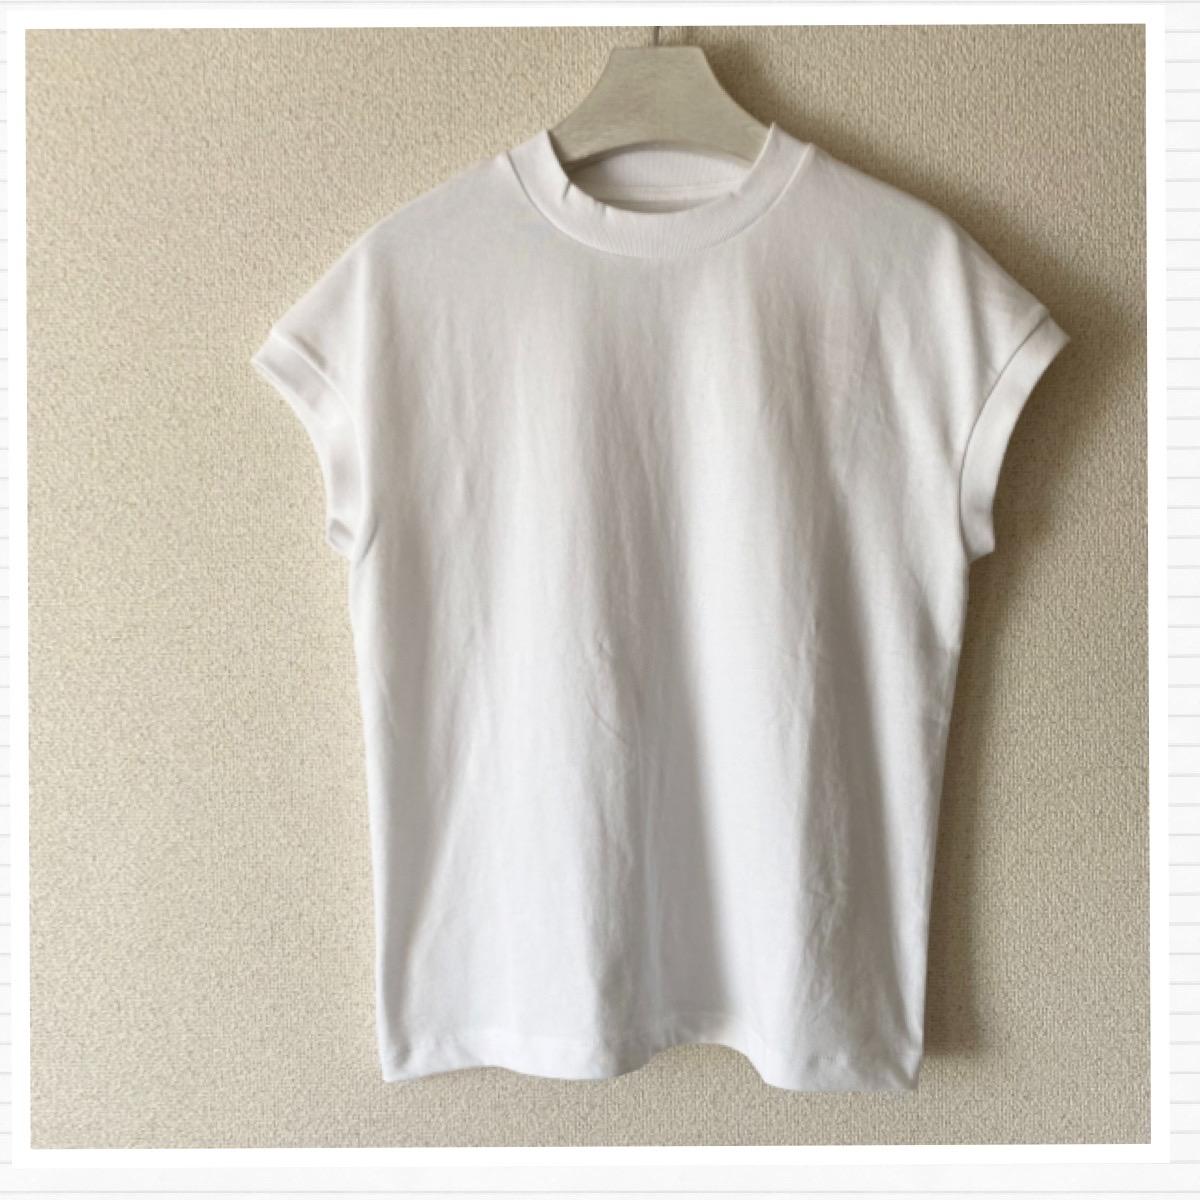 無印良品のオーガニックコットンフレンチスリーブTシャツ白